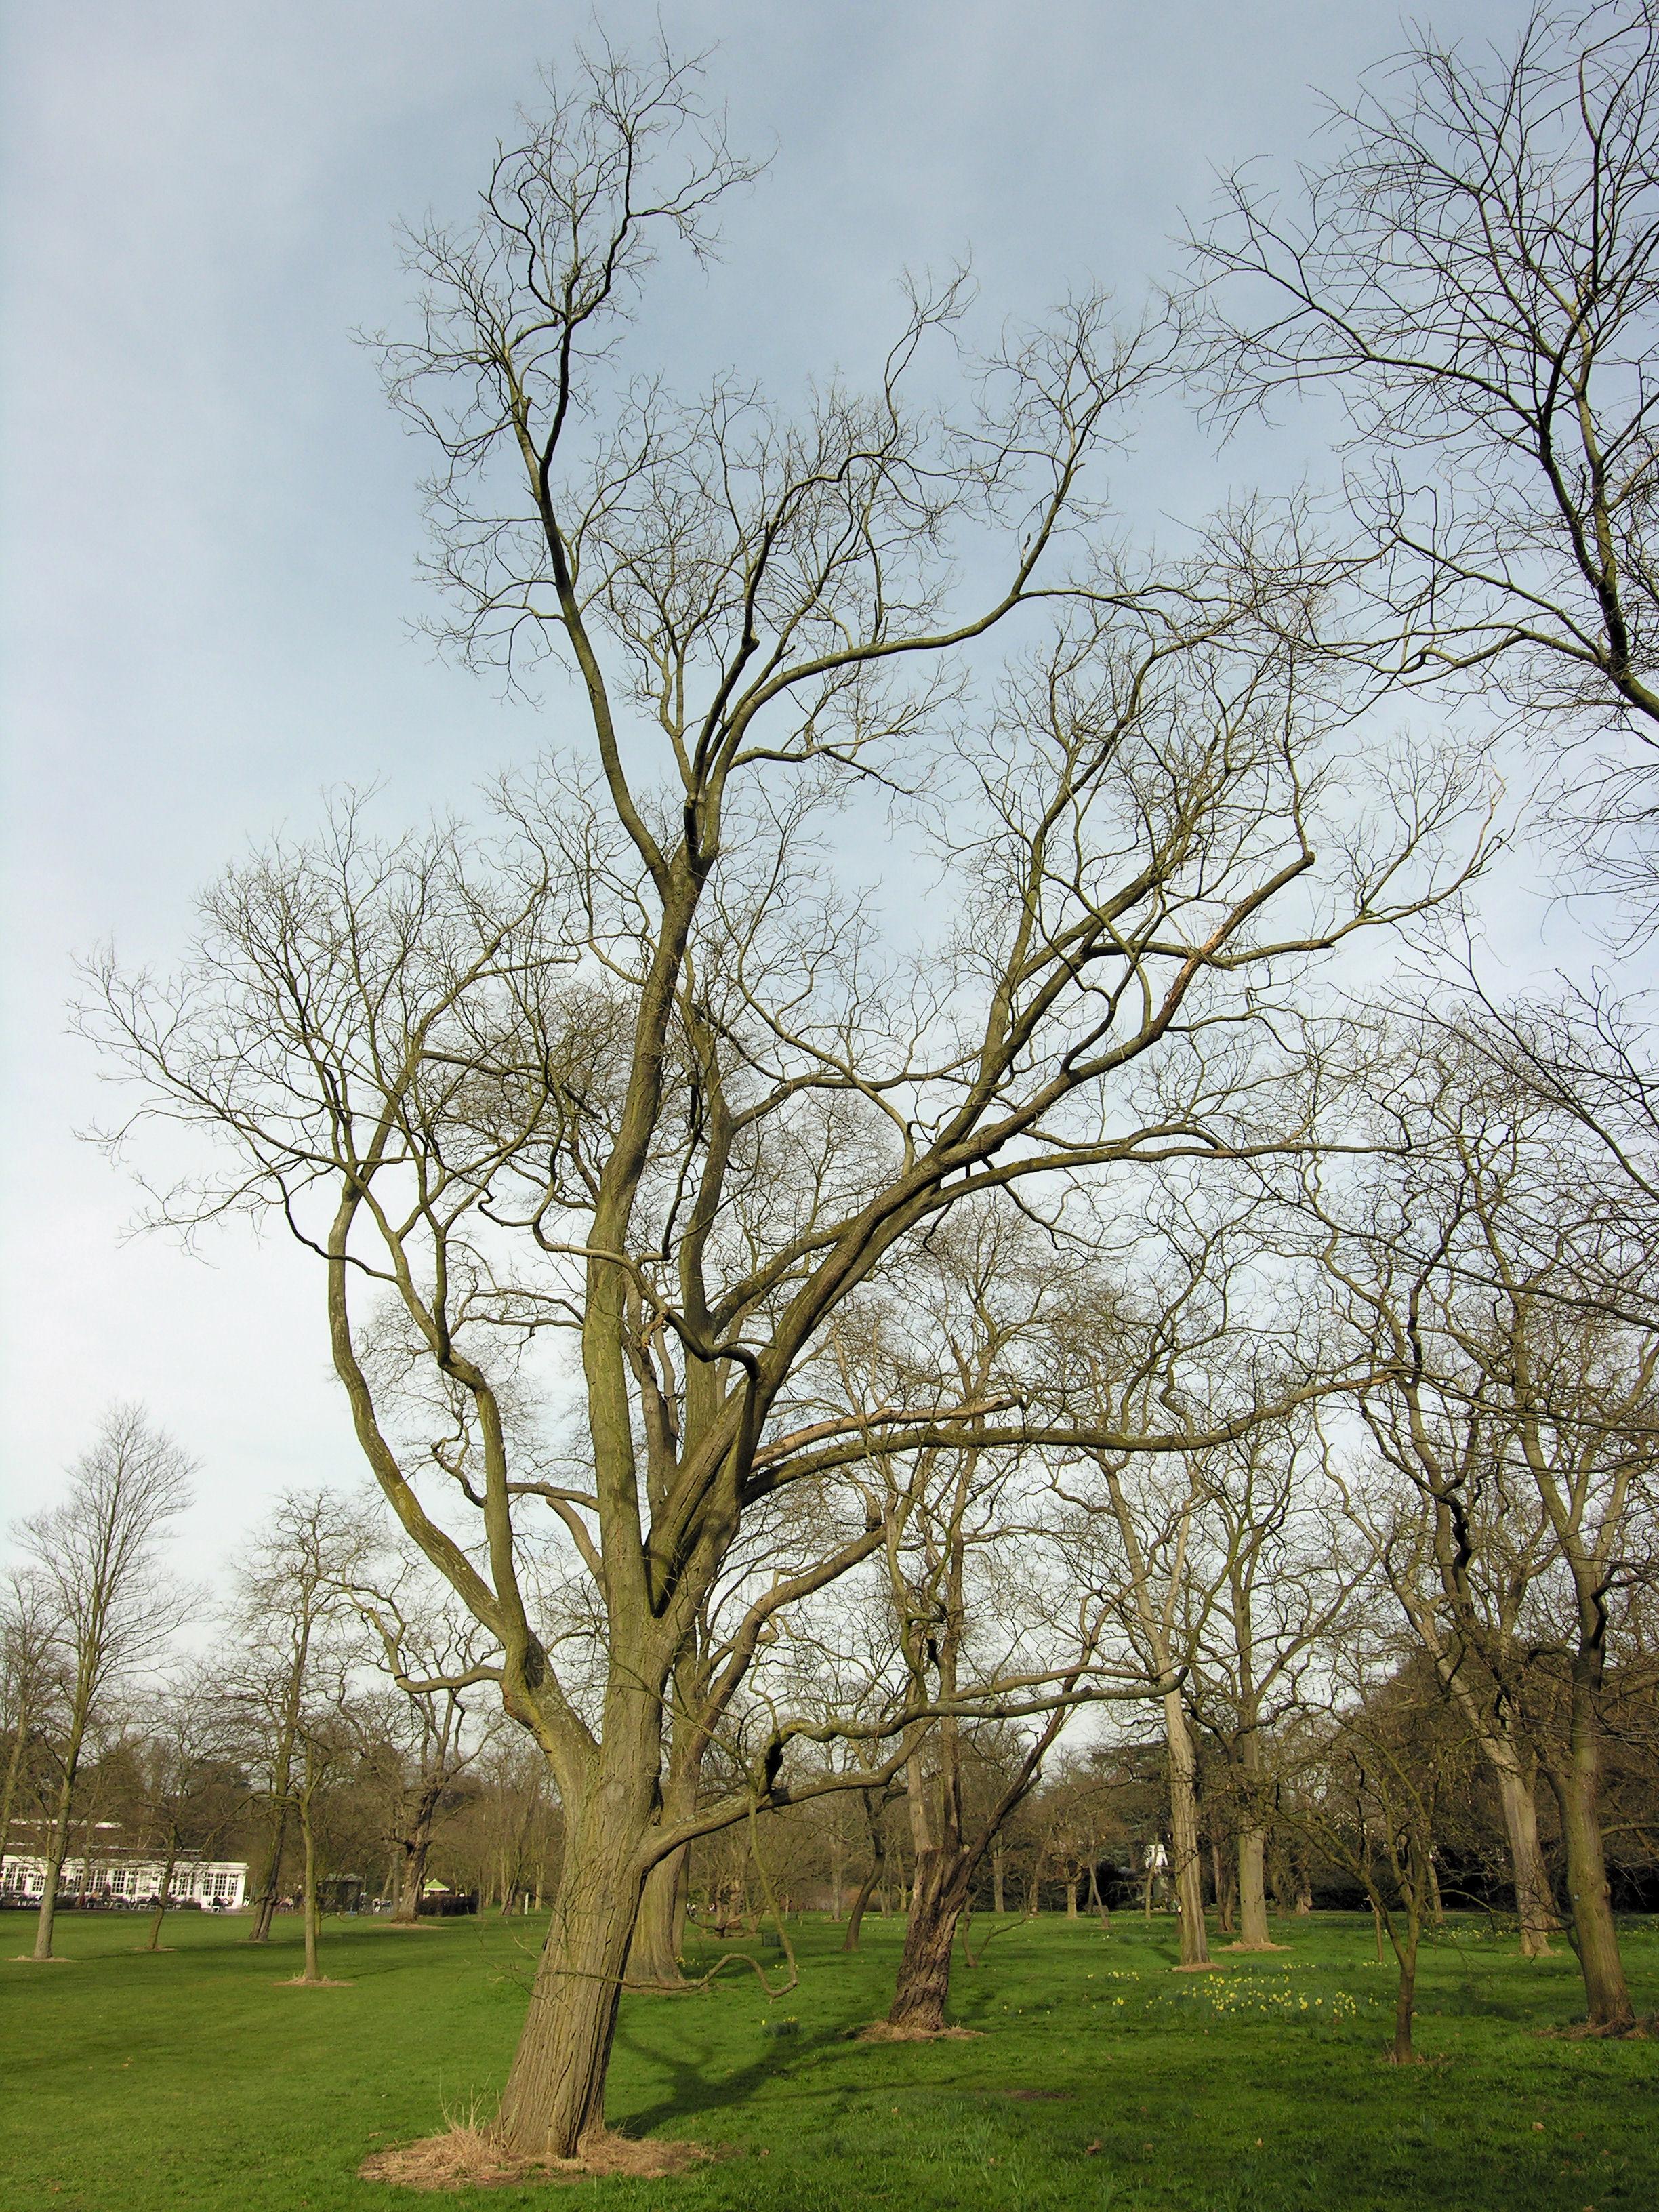 © Dipartimento di Scienze della Vita, Università degli Studi di Trieste<br>by Andrea Moro<br>Richmond-upon-Thames, Royal Botanic Gardens, Kew, UK, 16/03/2009<br>Distributed under CC-BY-SA 4.0 license.